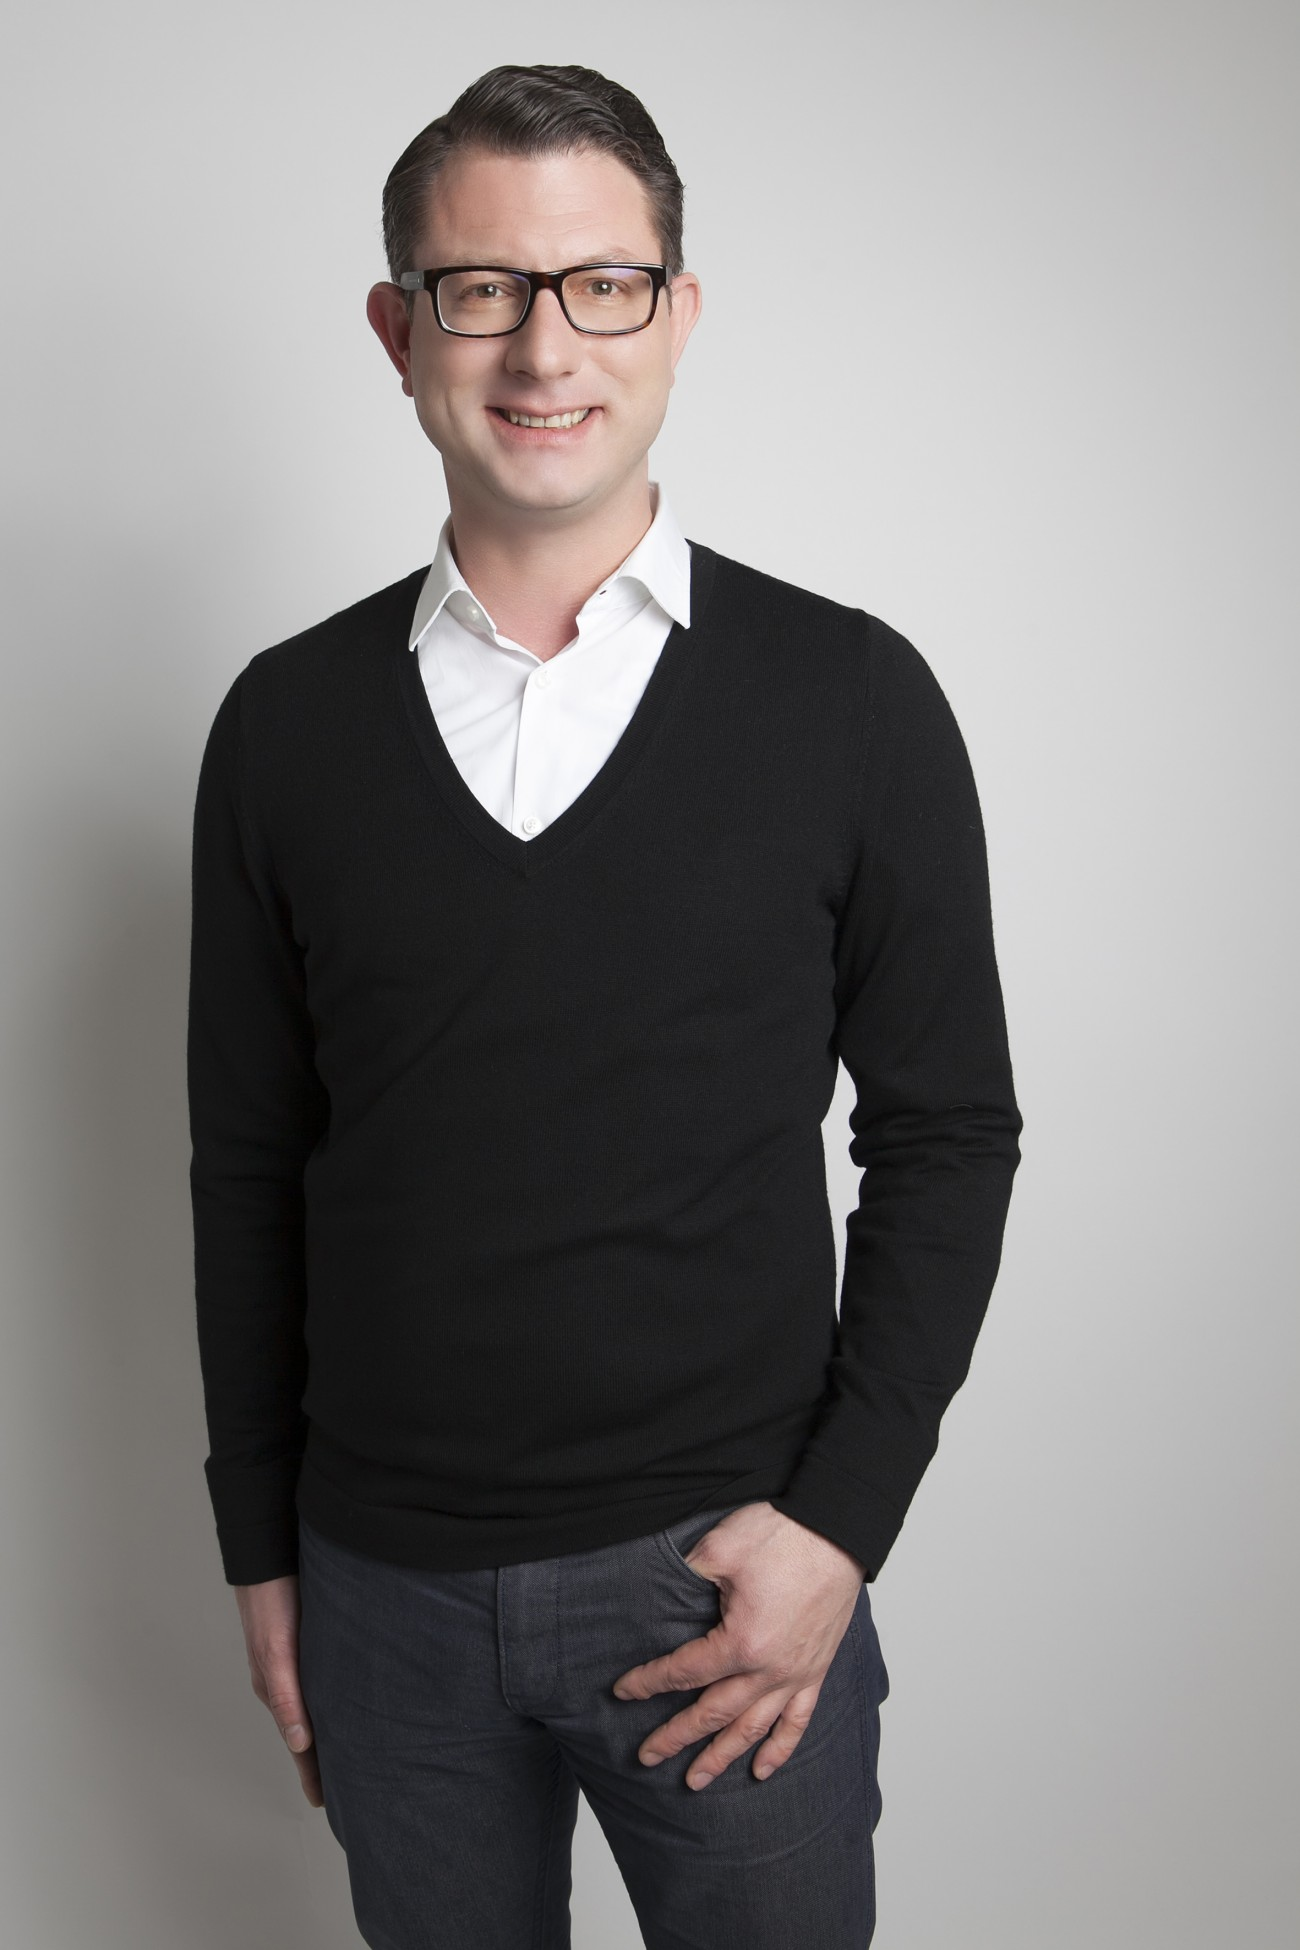 Dipl.-Jur. Jens Ortel - GF der cinnamon GmbH Österreich